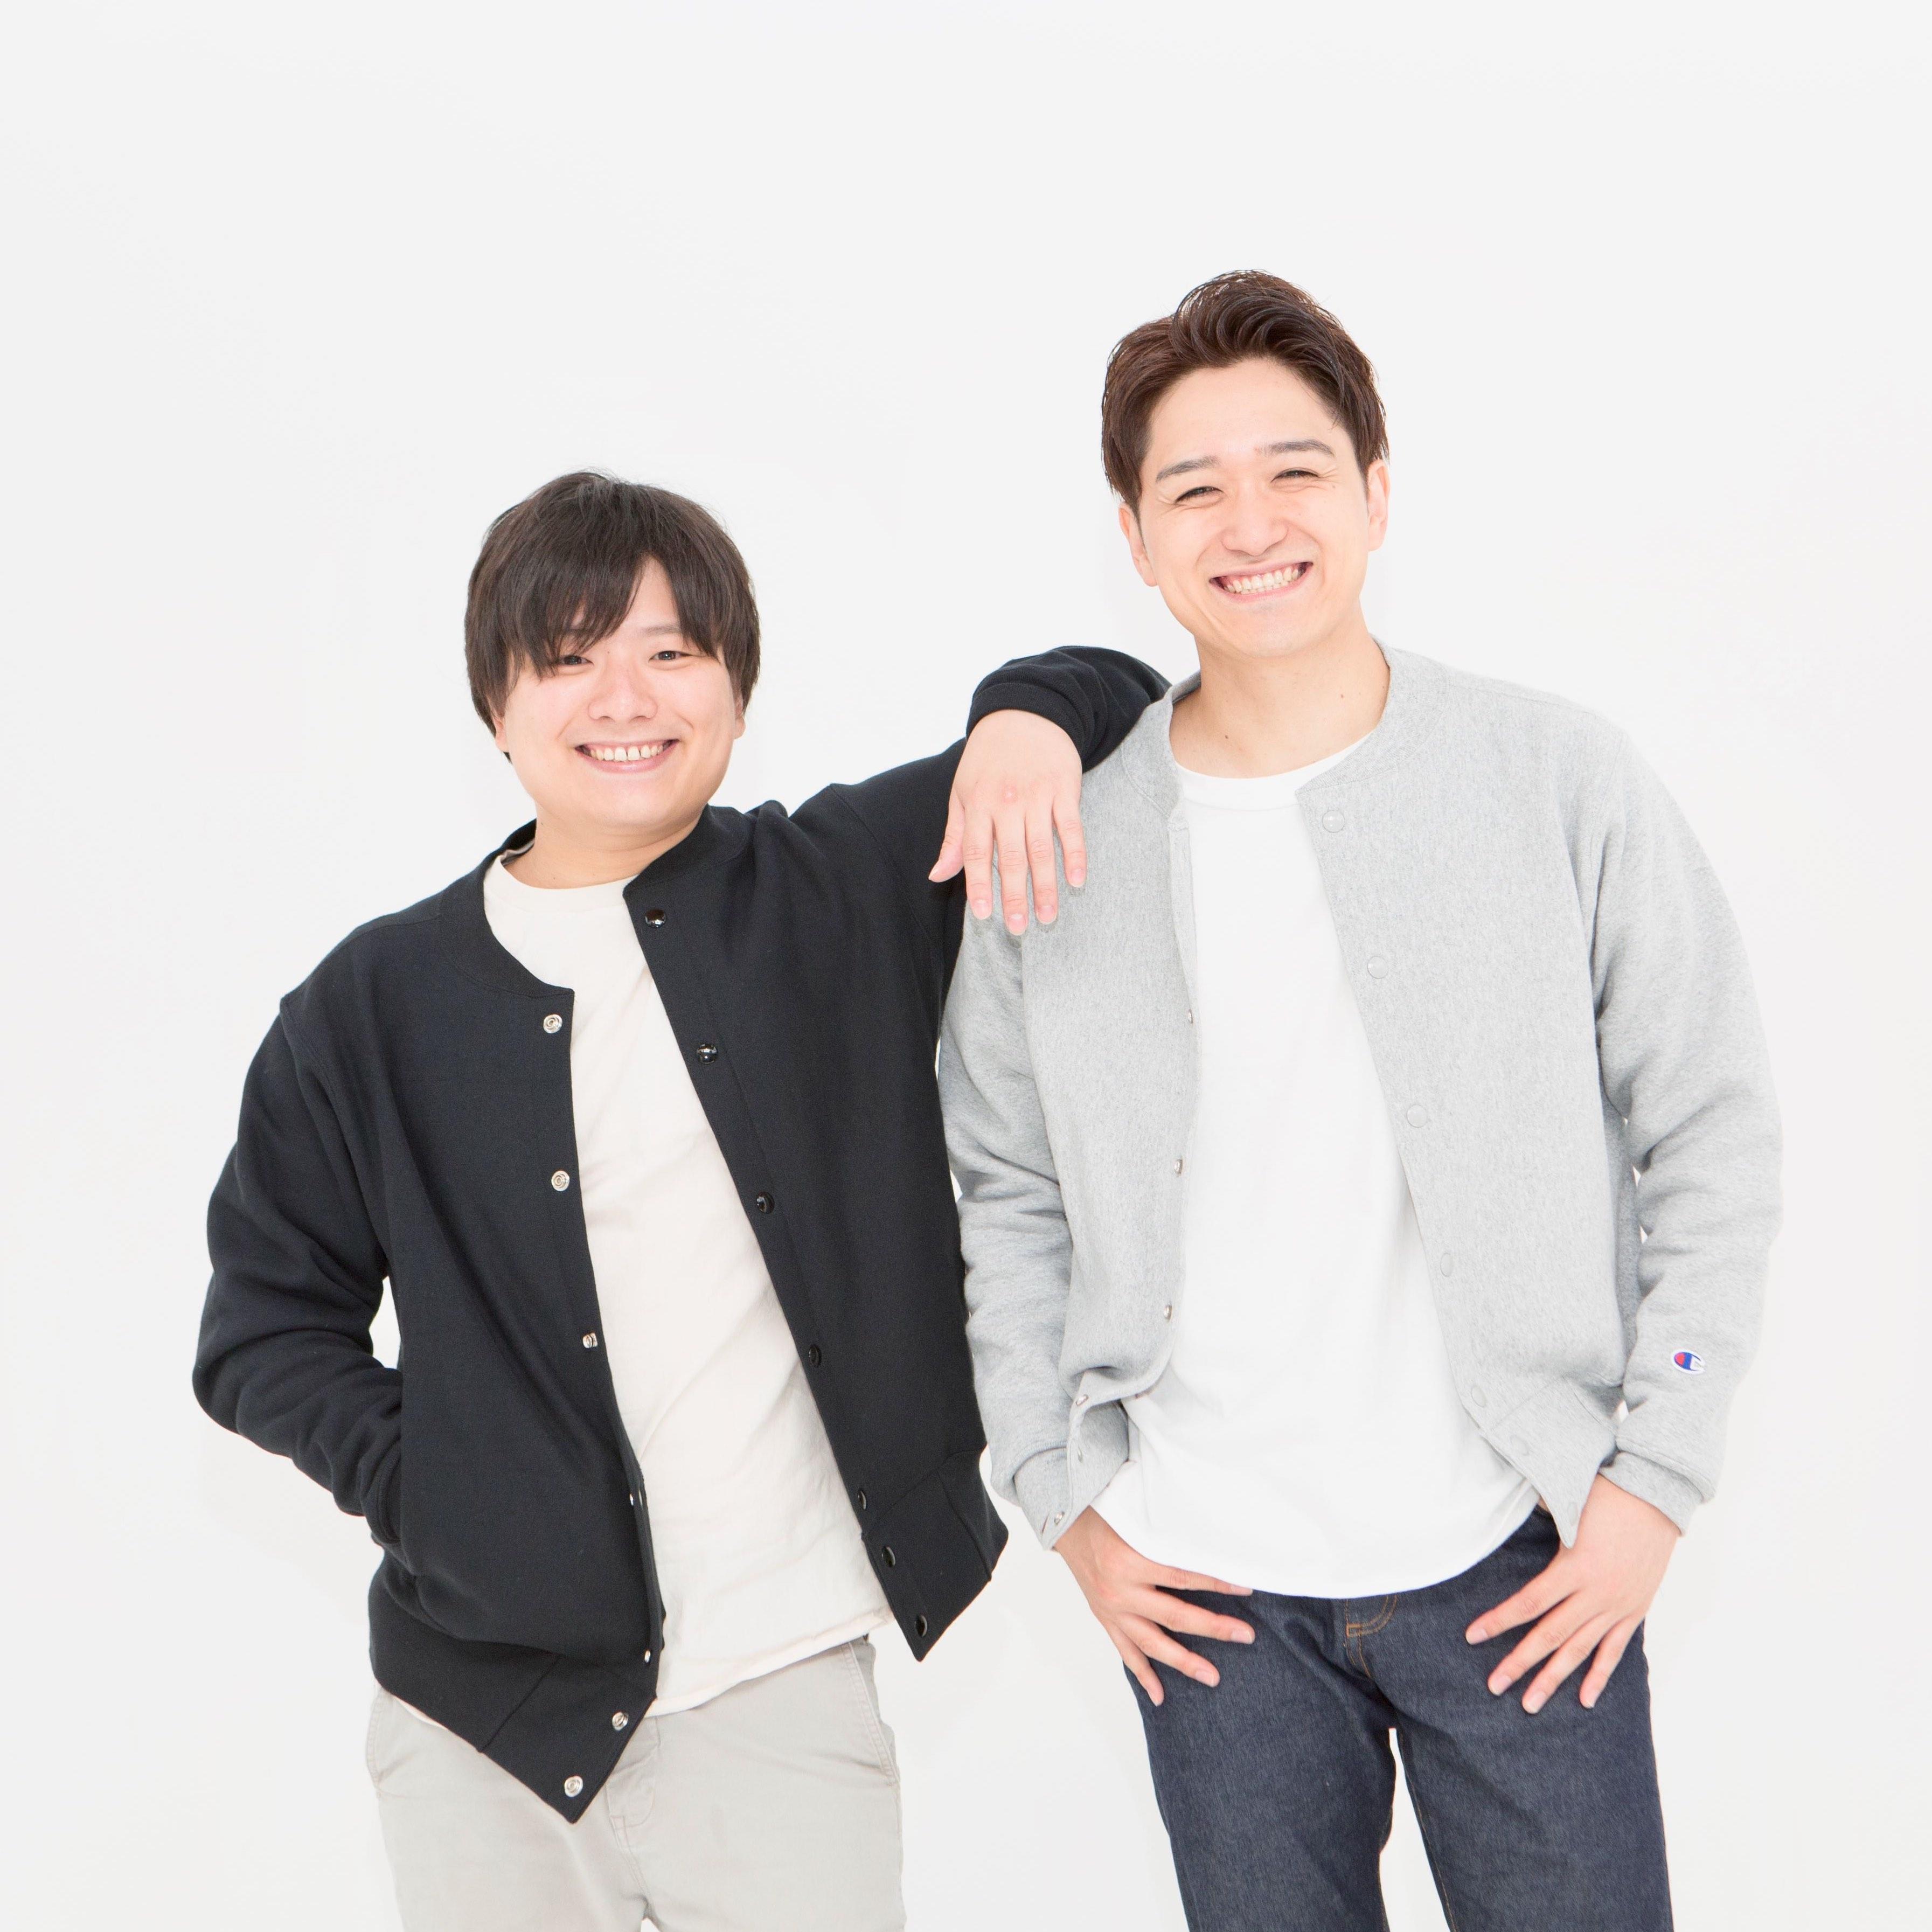 (昼公演)K.K. Monthly Oneman Live 2019 #3